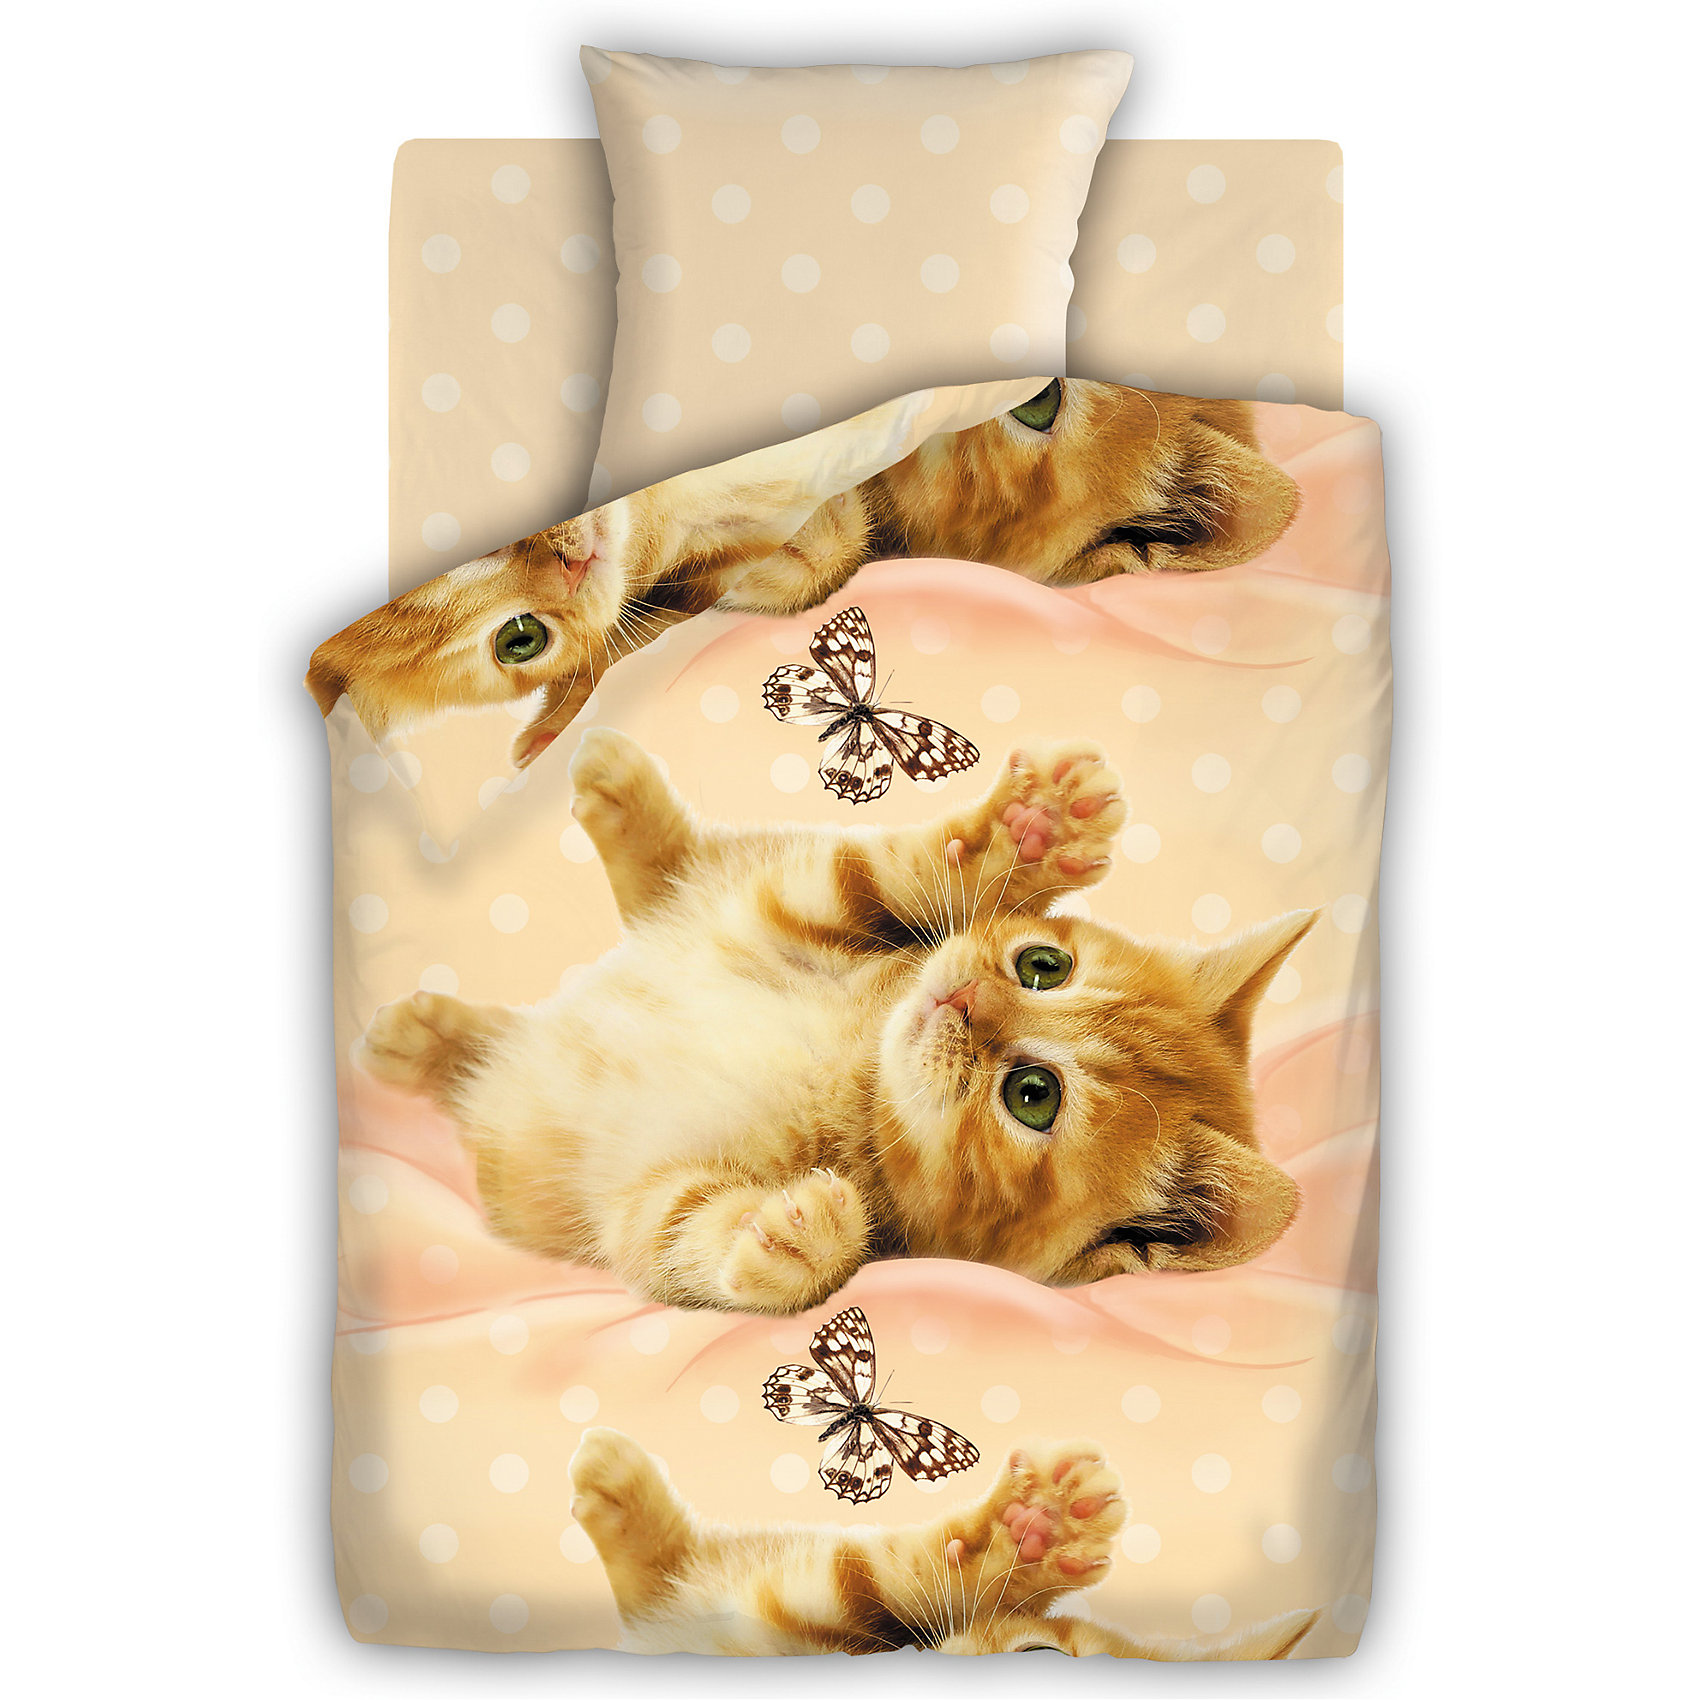 Комплект Ми-ми-ми 1,5-спальный, FOR YOUКомплект постельного белья Ми-ми-ми, For you, с чудесным привлекательным дизайном непременно понравится Вашей девочке. Комплект рассчитан на подростков 8-12 лет, выполнен в приятных бежево-розовых тонах и украшен изображениями очаровательных котят. Материал представляет собой качественную плотную бязь, очень комфортную и приятную на ощупь. Ткань отвечает всем экологическим нормам безопасности, дышащая, гипоаллергенная, не нарушает естественные процессы терморегуляции. При стирке белье не линяет, не деформируется и не теряет своих красок даже после многочисленных стирок.<br><br>Дополнительная информация:<br><br>- В комплекте: 1 наволочка, 1 пододеяльник и 1 простыня.<br>- Размер комплекта: полутораспальный.<br>- Тип ткани: бязь (100% хлопок).<br>- Плотность ткани: 115 г/м.<br>- Размер пододеяльника: 215 х 143 см.<br>- Размер наволочки: 70 х 70 см.<br>- Размер простыни: 214 х 150 см.<br>- Размер упаковки: 35 х 6 х 25 см.<br>- Вес: 1,33 кг. <br><br>Комплект Ми-ми-ми, 1,5 спальный, For you, можно приобрести в нашем интернет-магазине.<br><br>Ширина мм: 200<br>Глубина мм: 60<br>Высота мм: 280<br>Вес г: 800<br>Возраст от месяцев: 36<br>Возраст до месяцев: 120<br>Пол: Женский<br>Возраст: Детский<br>SKU: 4463251